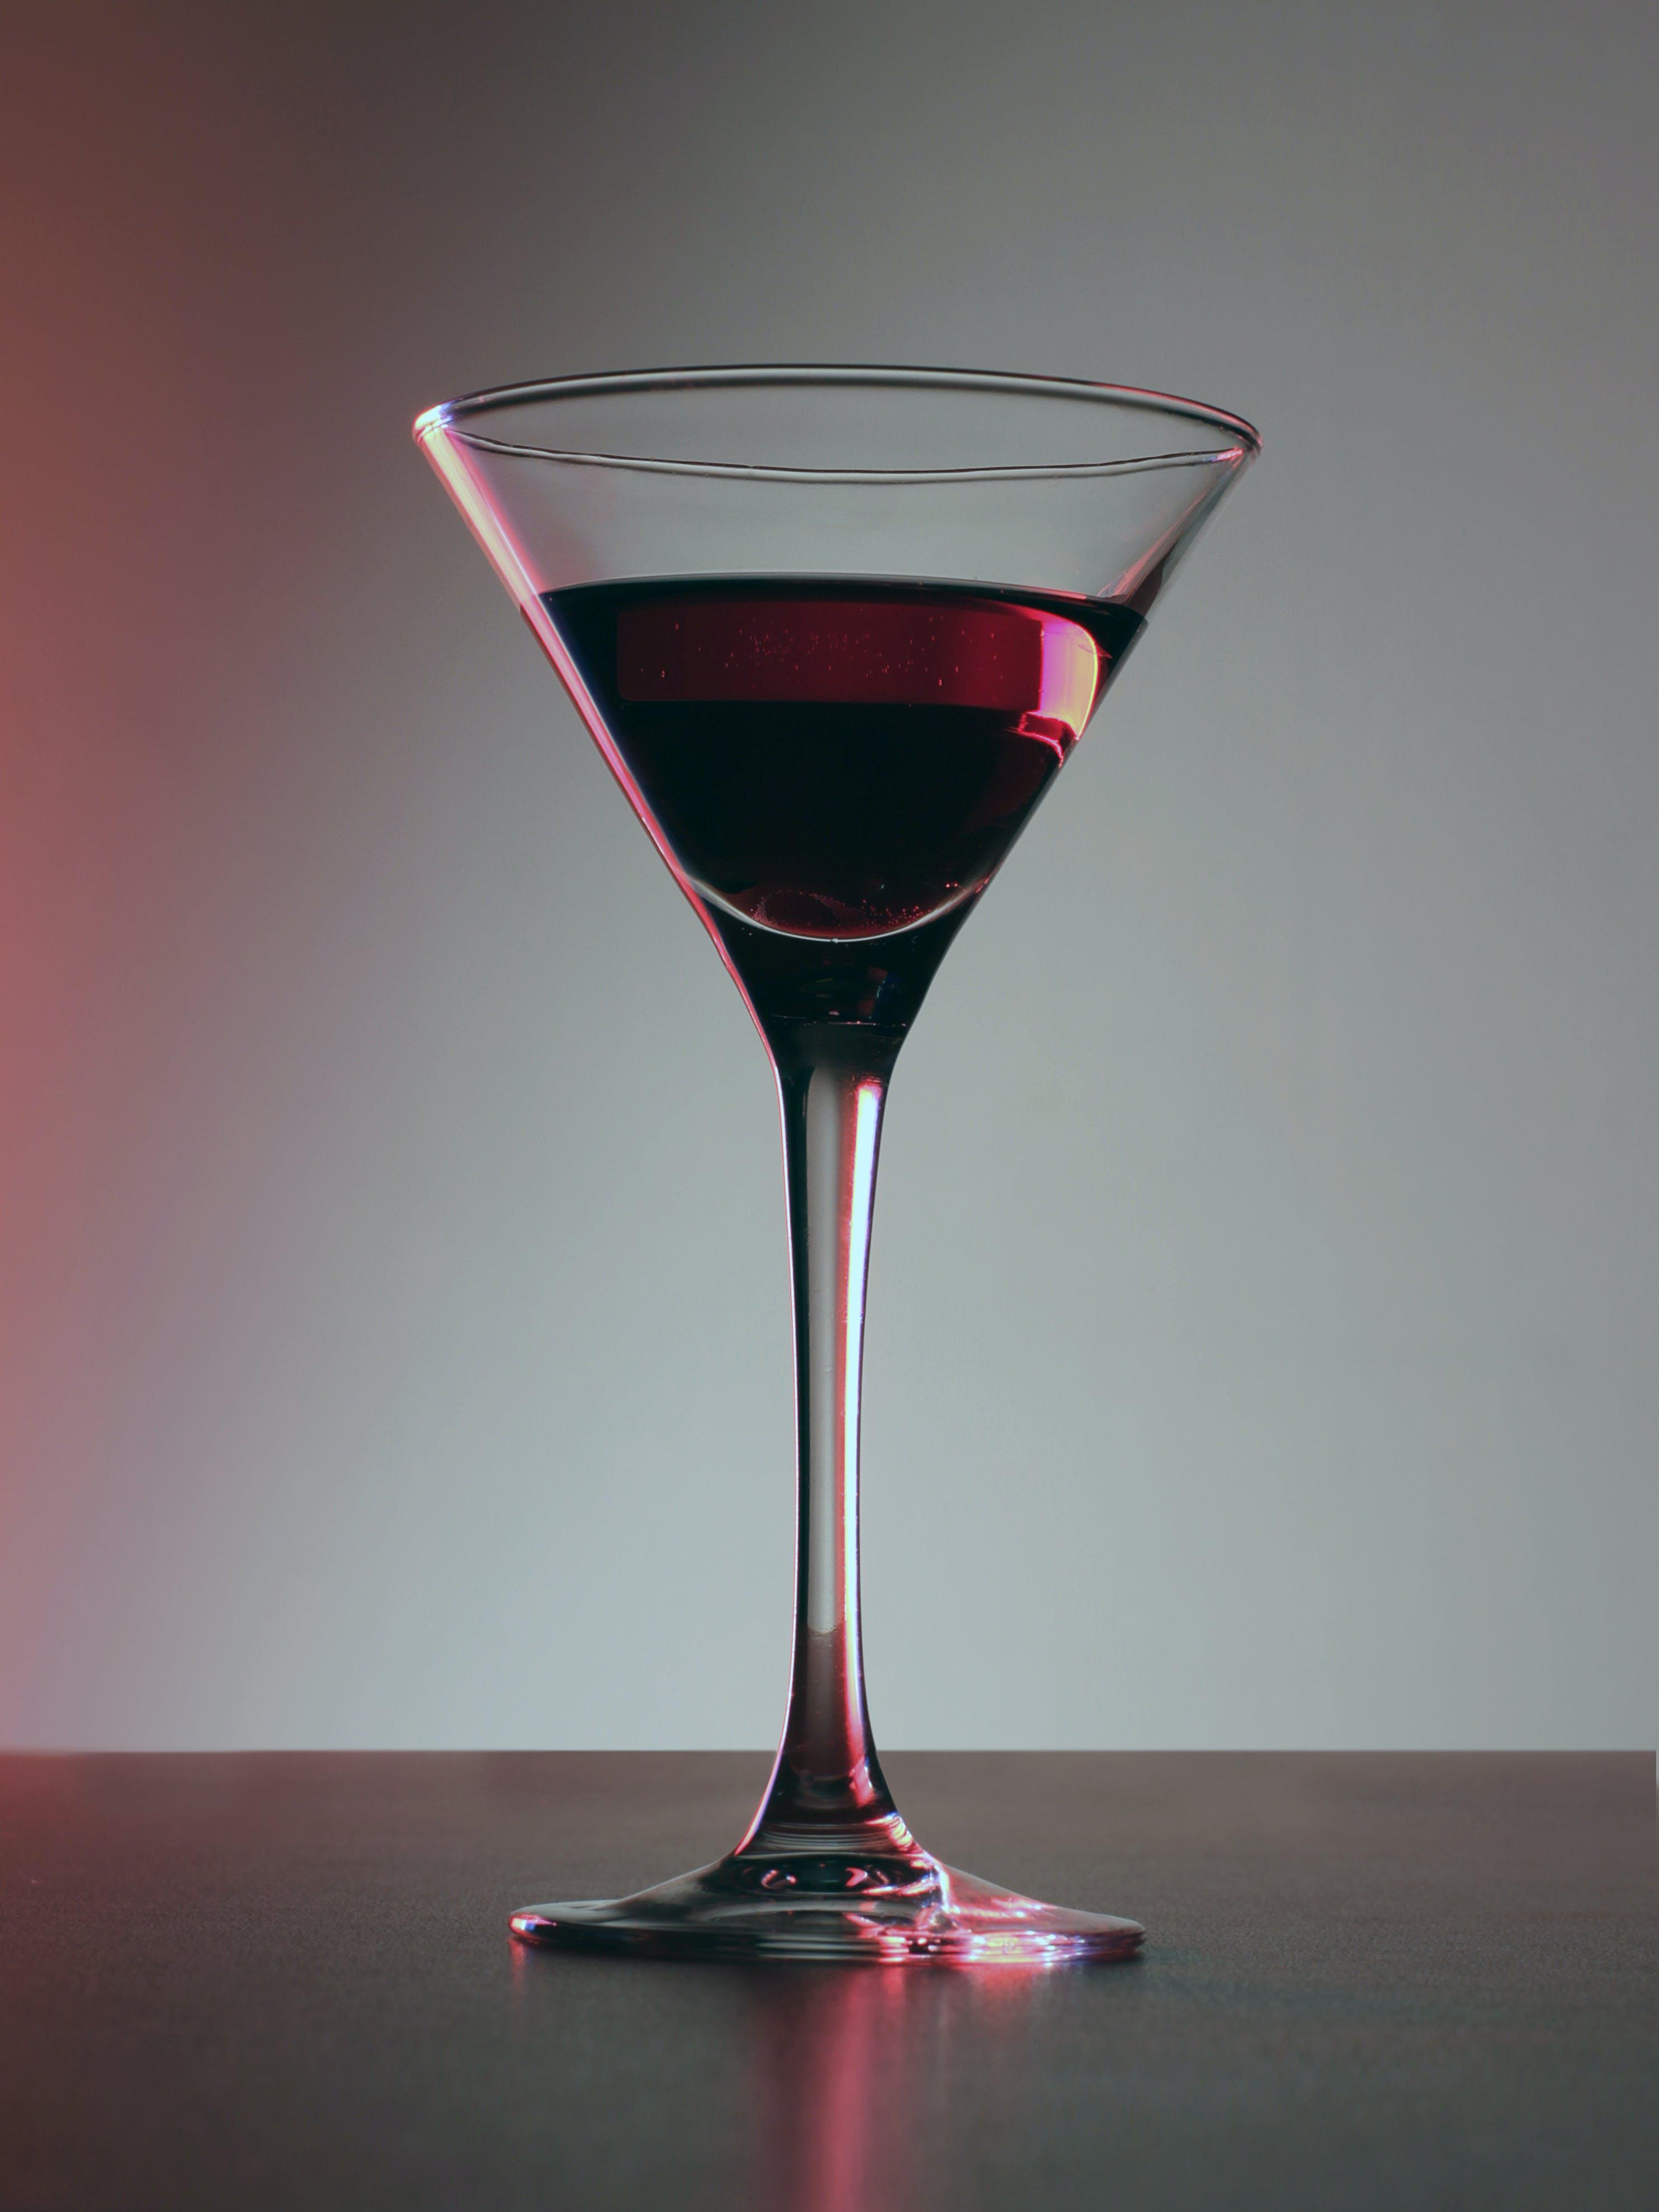 Gratis stockfoto met alcohol, cocktail, dorst hebben, drankje